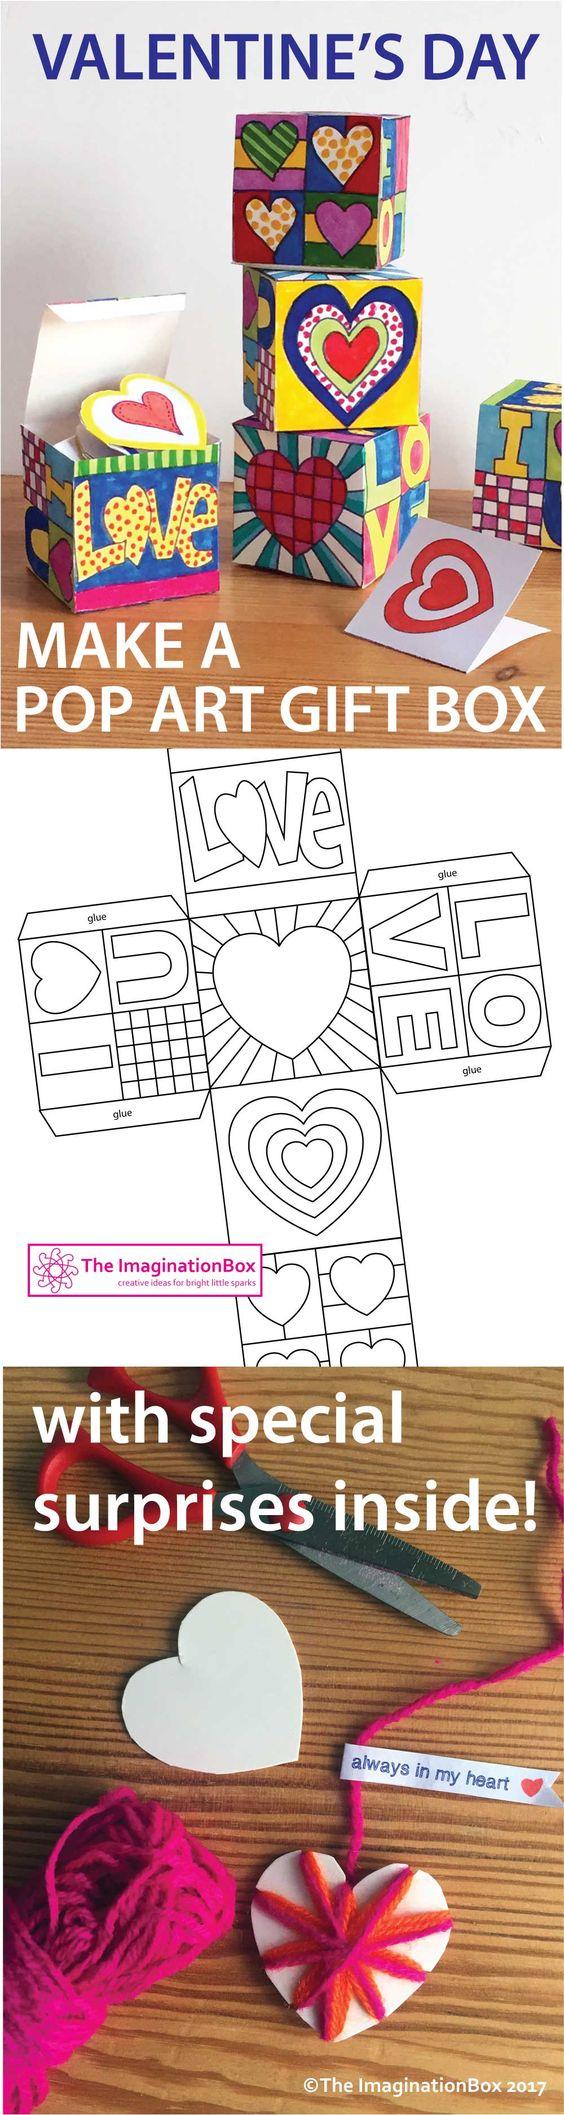 这款波普艺术礼盒是情人节或母亲节的理想艺术和工艺项目。同样它也可以在一年中的任何时候用作探索波普艺术,颜色和形状的一般艺术活动。学生们可以带回一个美丽的成品纪念礼盒,里面有一些特别的惊喜礼物和信息!这个活动包包括:1。